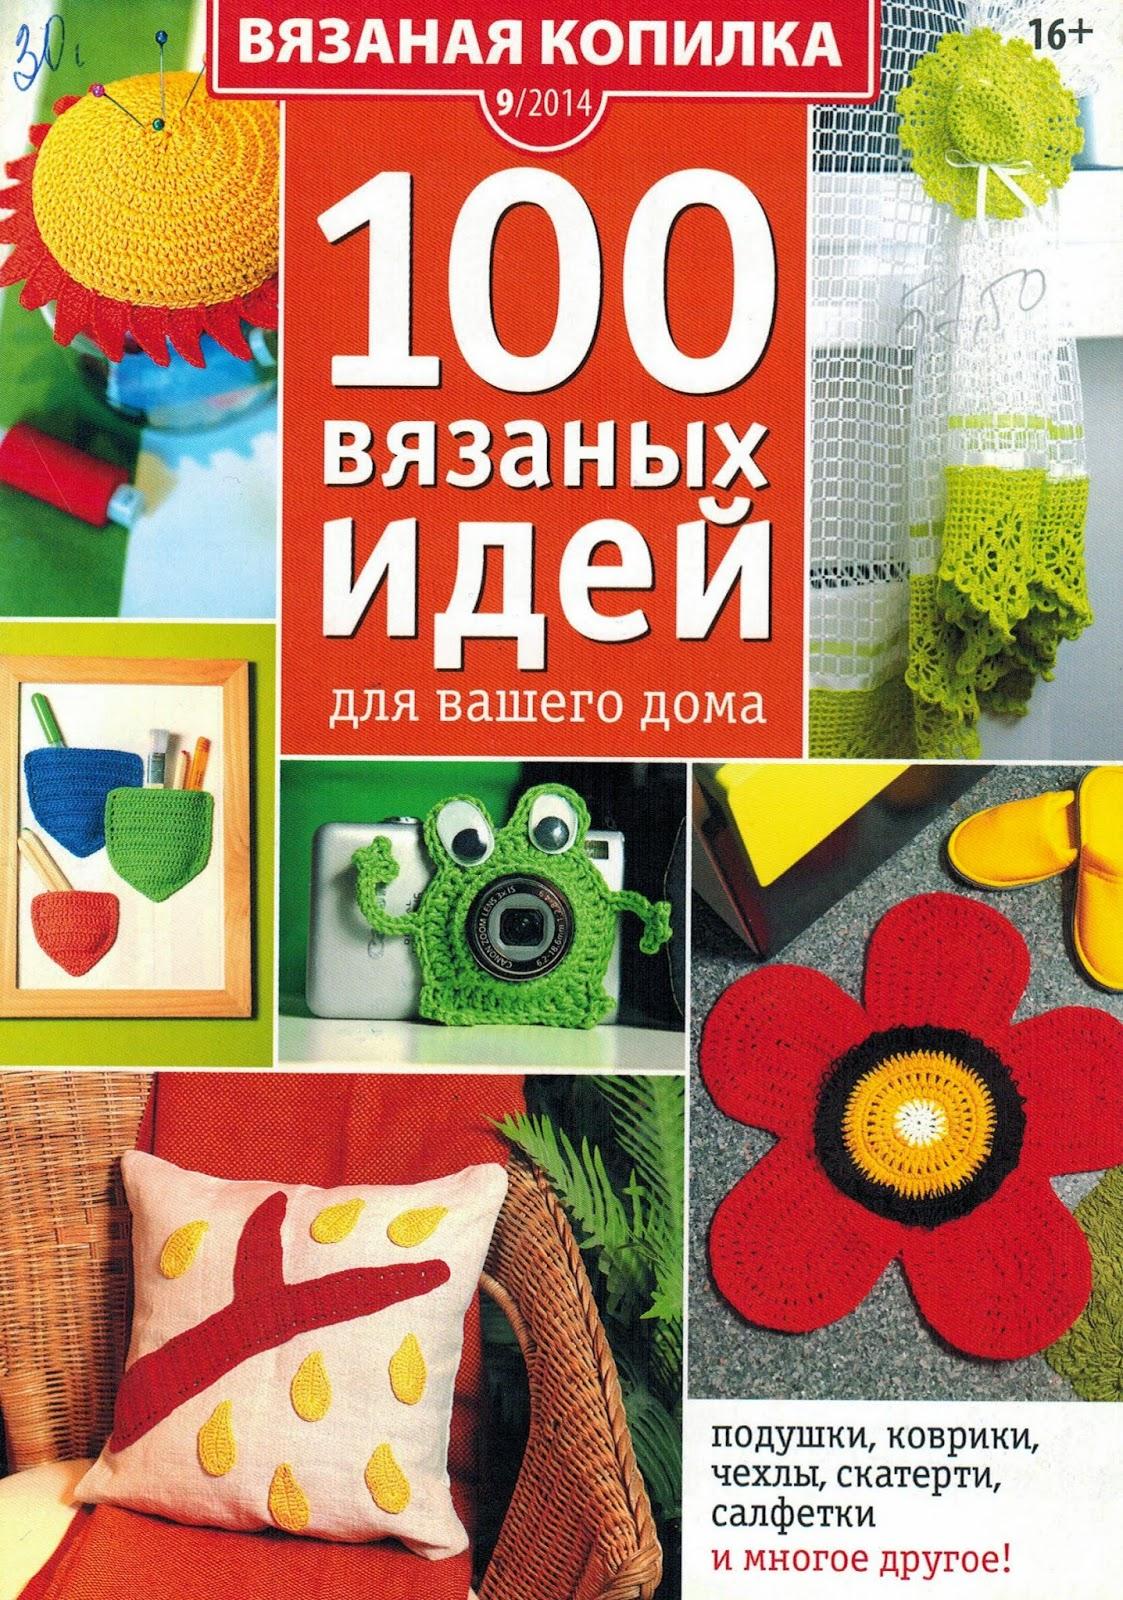 100 вязаных идей для вашего дома.